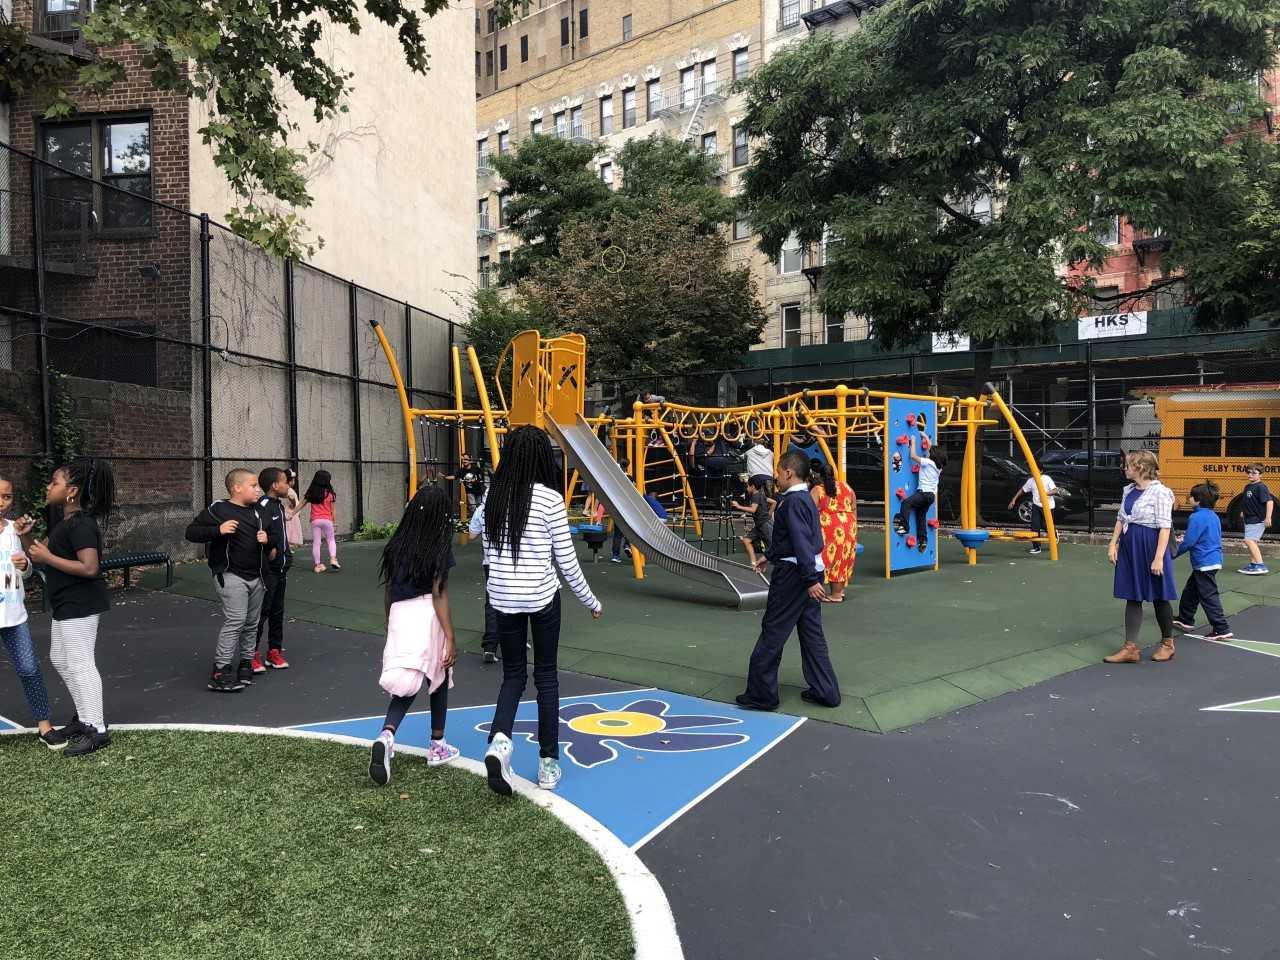 School Yard - Jungle Gym Pic 2